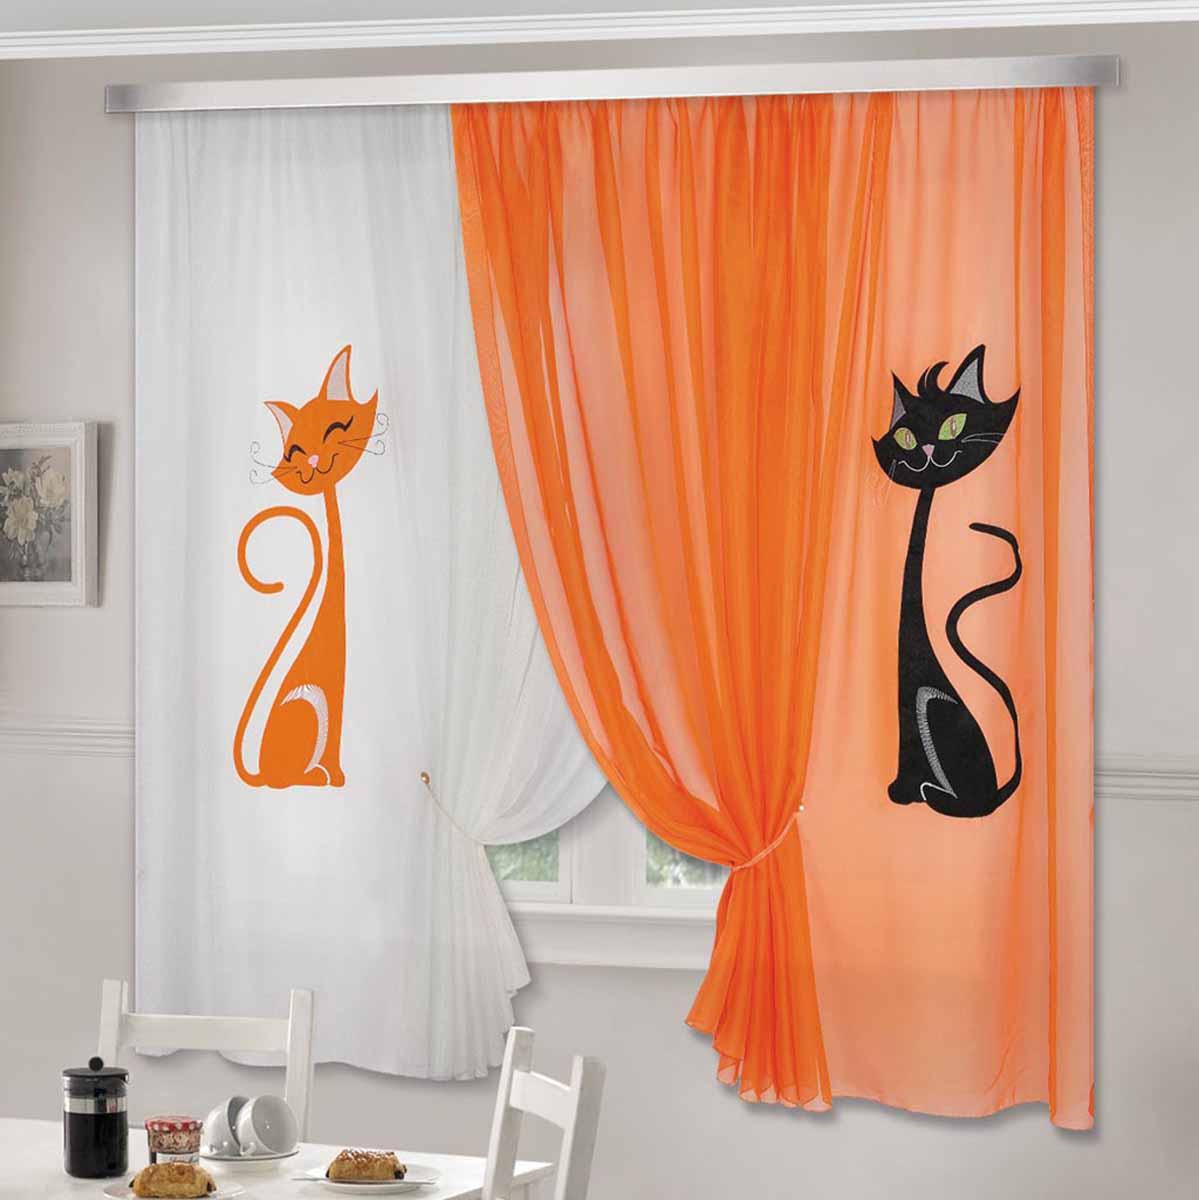 Комплект штор ТД Текстиль Кэти, на ленте, цвет: оранжевый, белый, высота 180 см шторы интерьерные олимп текстиль шторы бретань